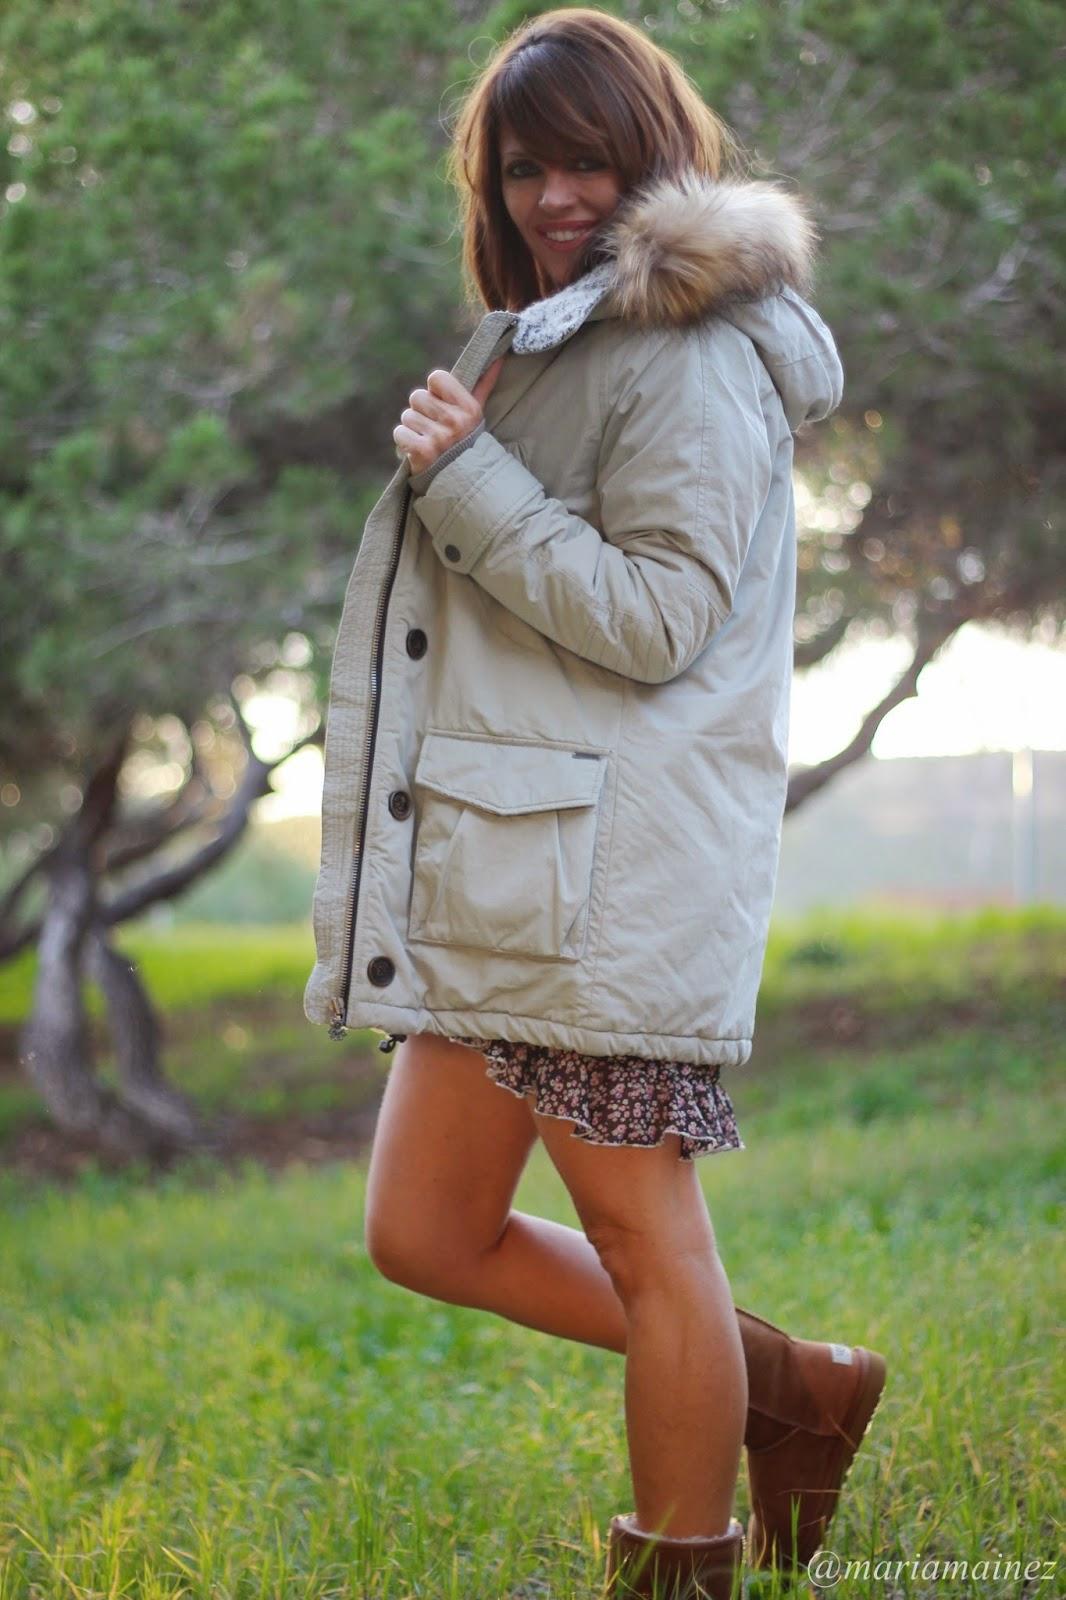 H.Preppy - Uggs - Scotch&Soda - Outfit invierno 2014 - Regalos Navidad